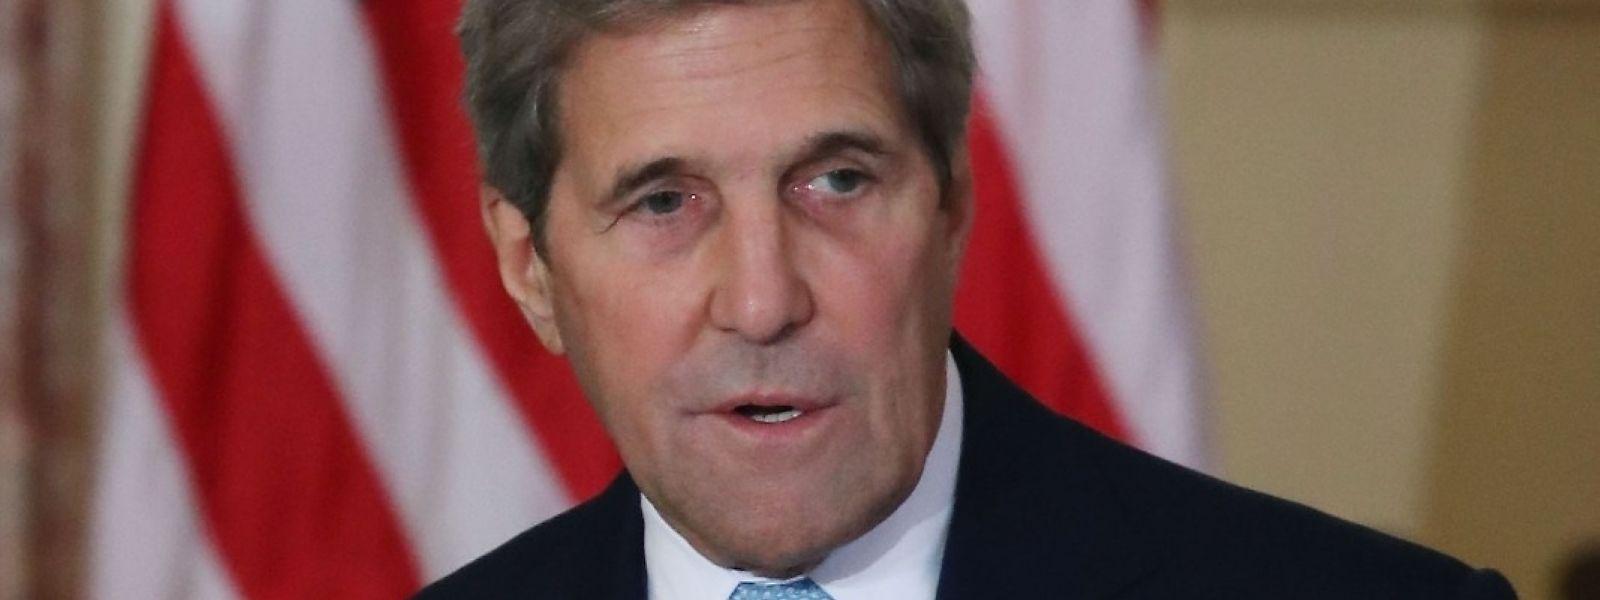 """US-Klima-Sonderbeauftragter John Kerry: """"Die Vereinigten Staaten und jedes Land müssen sich bis 2050 einem Weg in Richtung keiner neuen Emissionen verpflichten"""""""